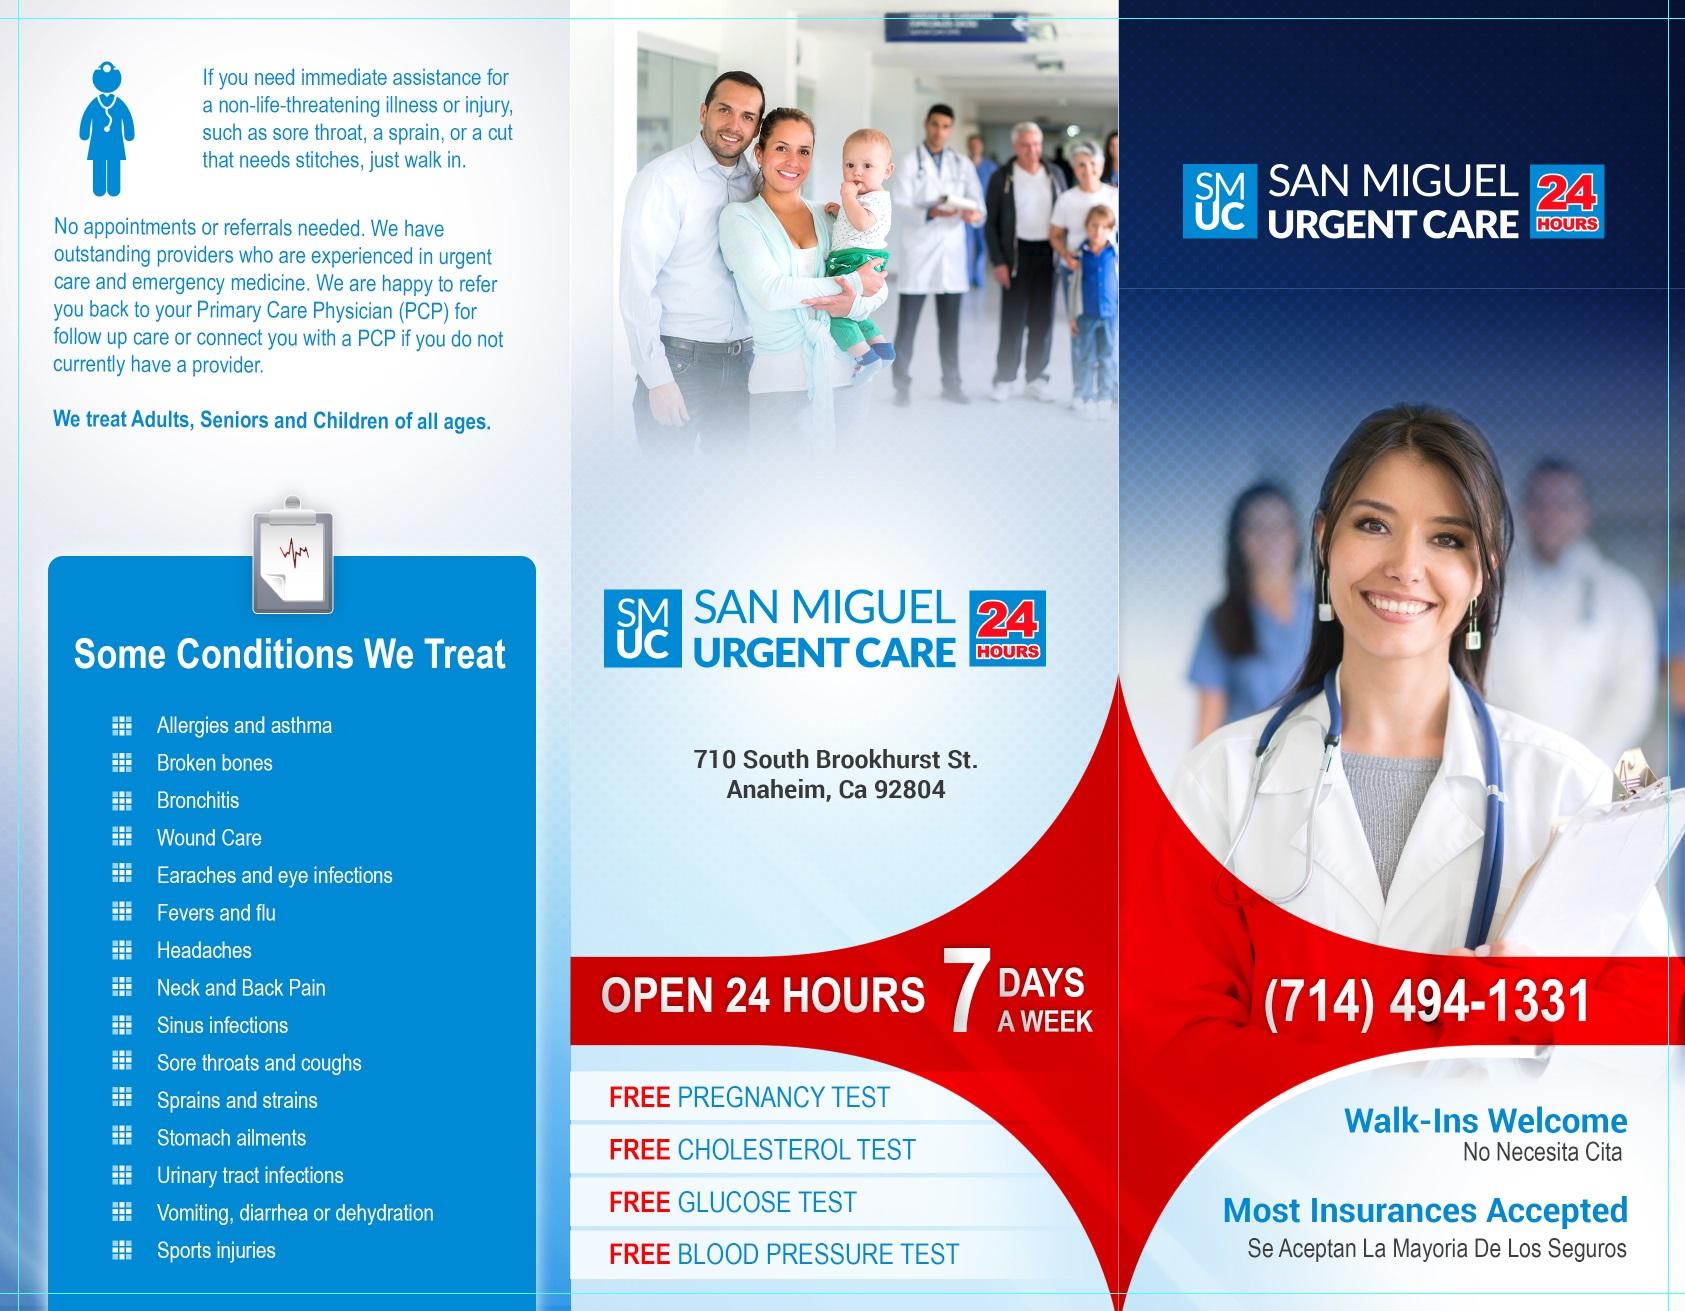 San Miguel Urgent Care - Urgent Care Solv in Anaheim, CA